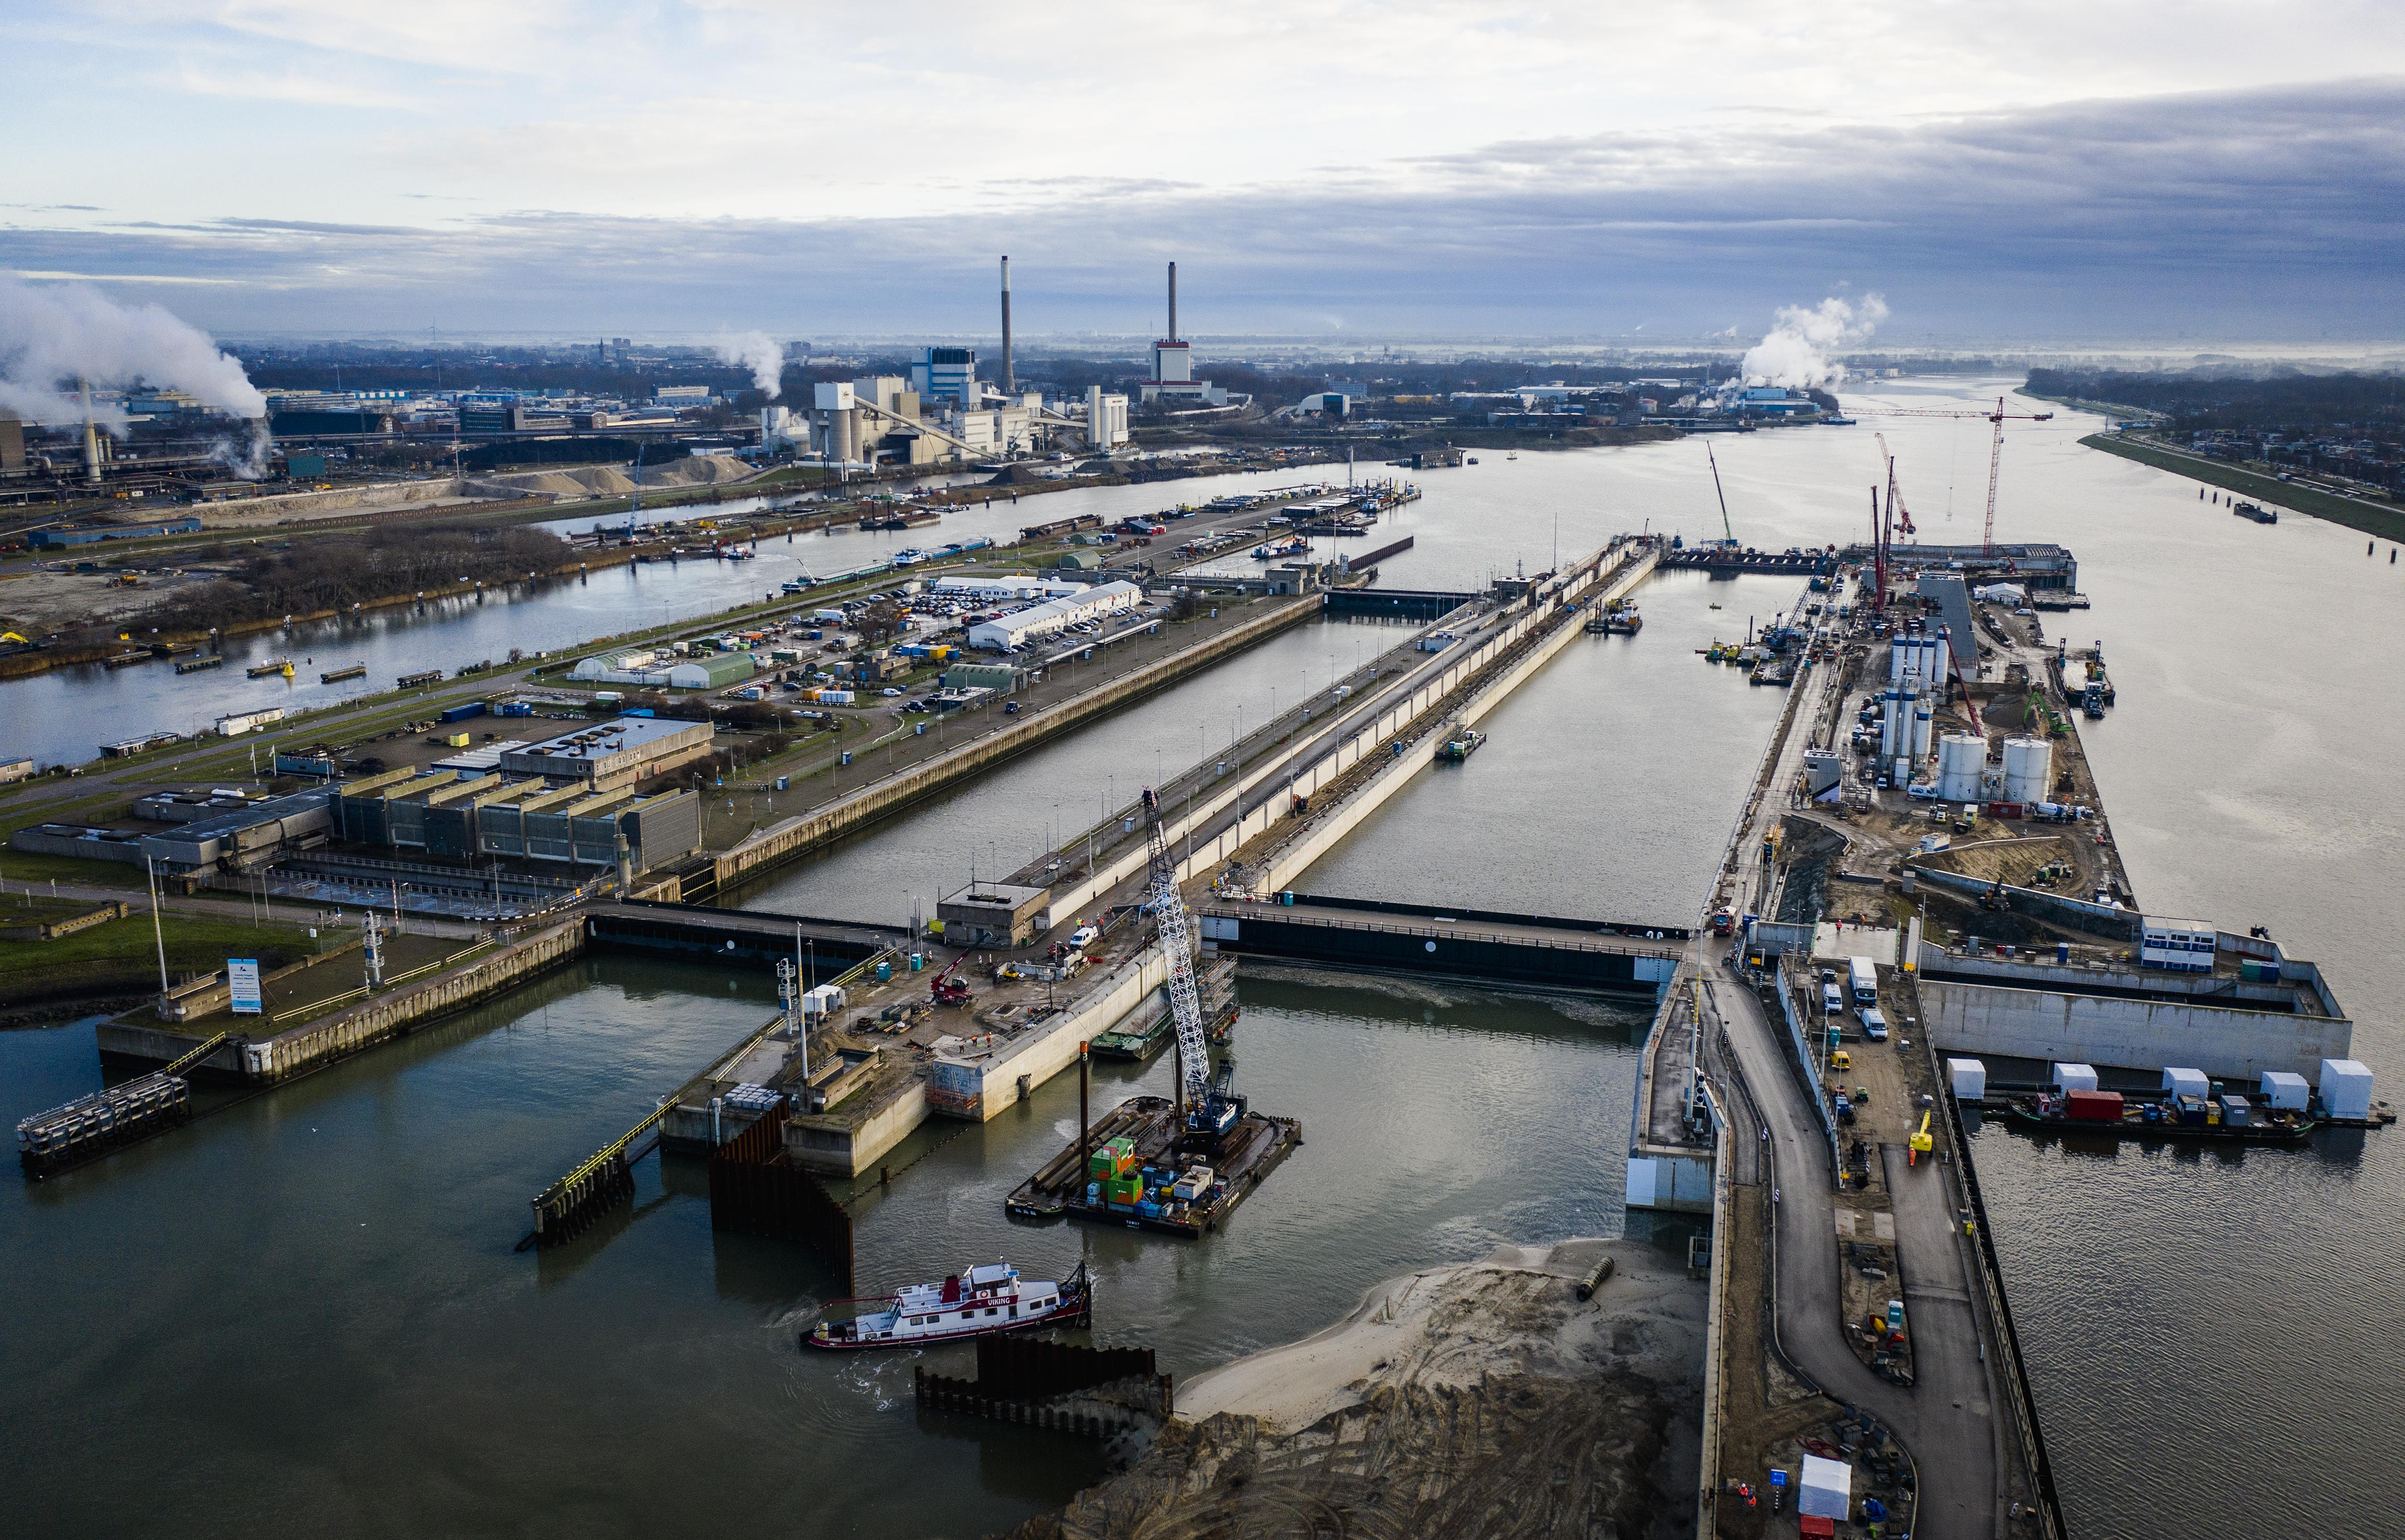 Rijkswaterstaat hoeft zich niet te haasten met het heropenen van de sluisroute. Wat vind jij?